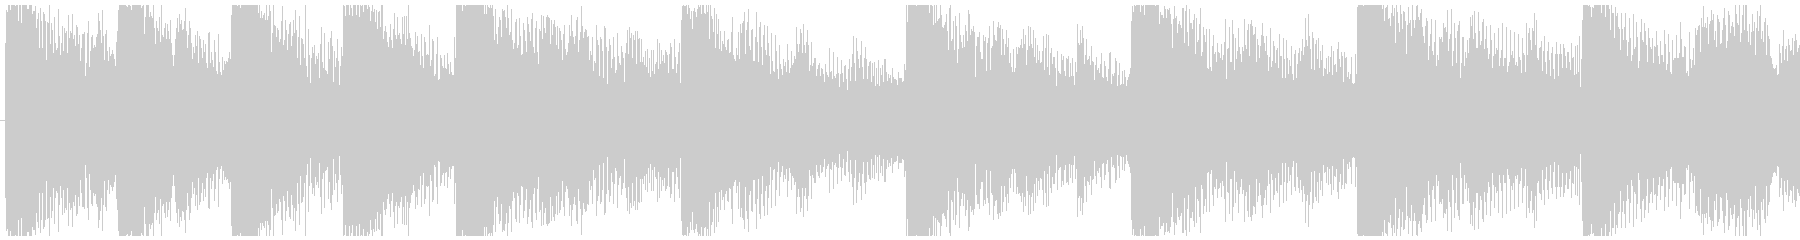 ハローウィン用のホラー曲-ループ3の未再生の波形